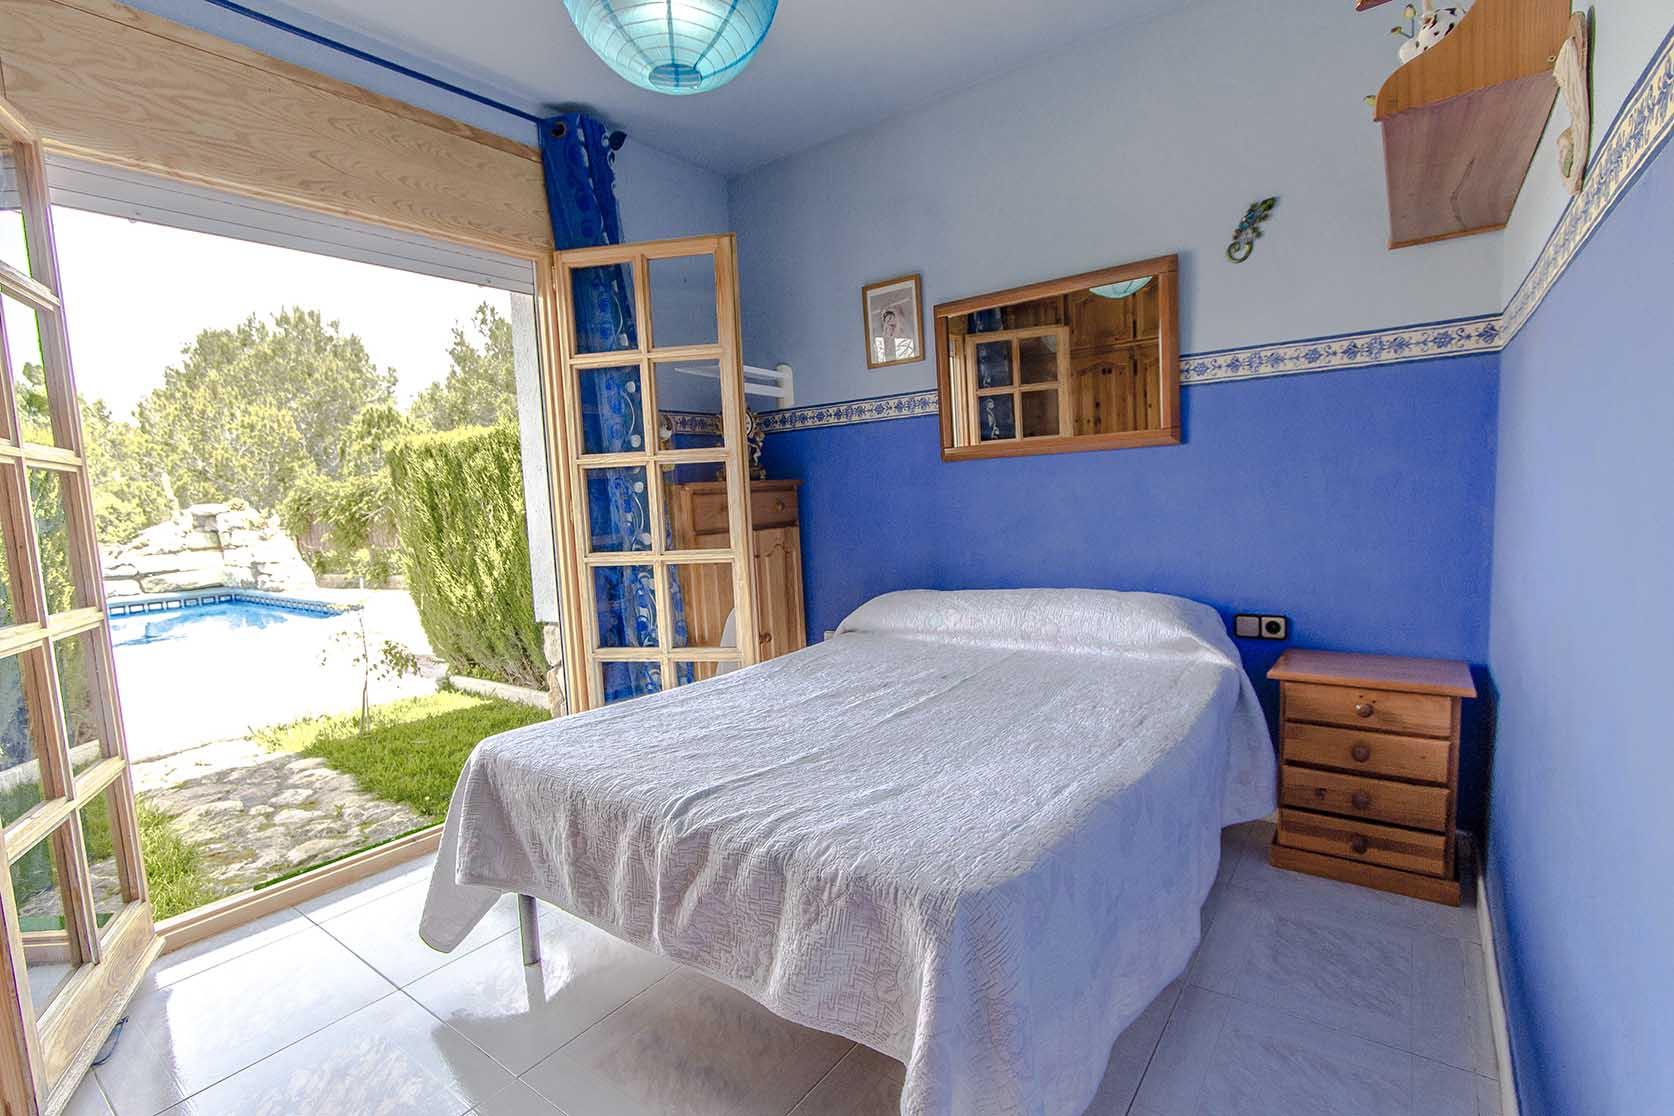 Ferienhaus Catalunya Casas: Lovely villa in Castellet, only 10 min to Costa Dorada beaches! (1890850), Castellet i la Gornal, Costa del Garraf, Katalonien, Spanien, Bild 17